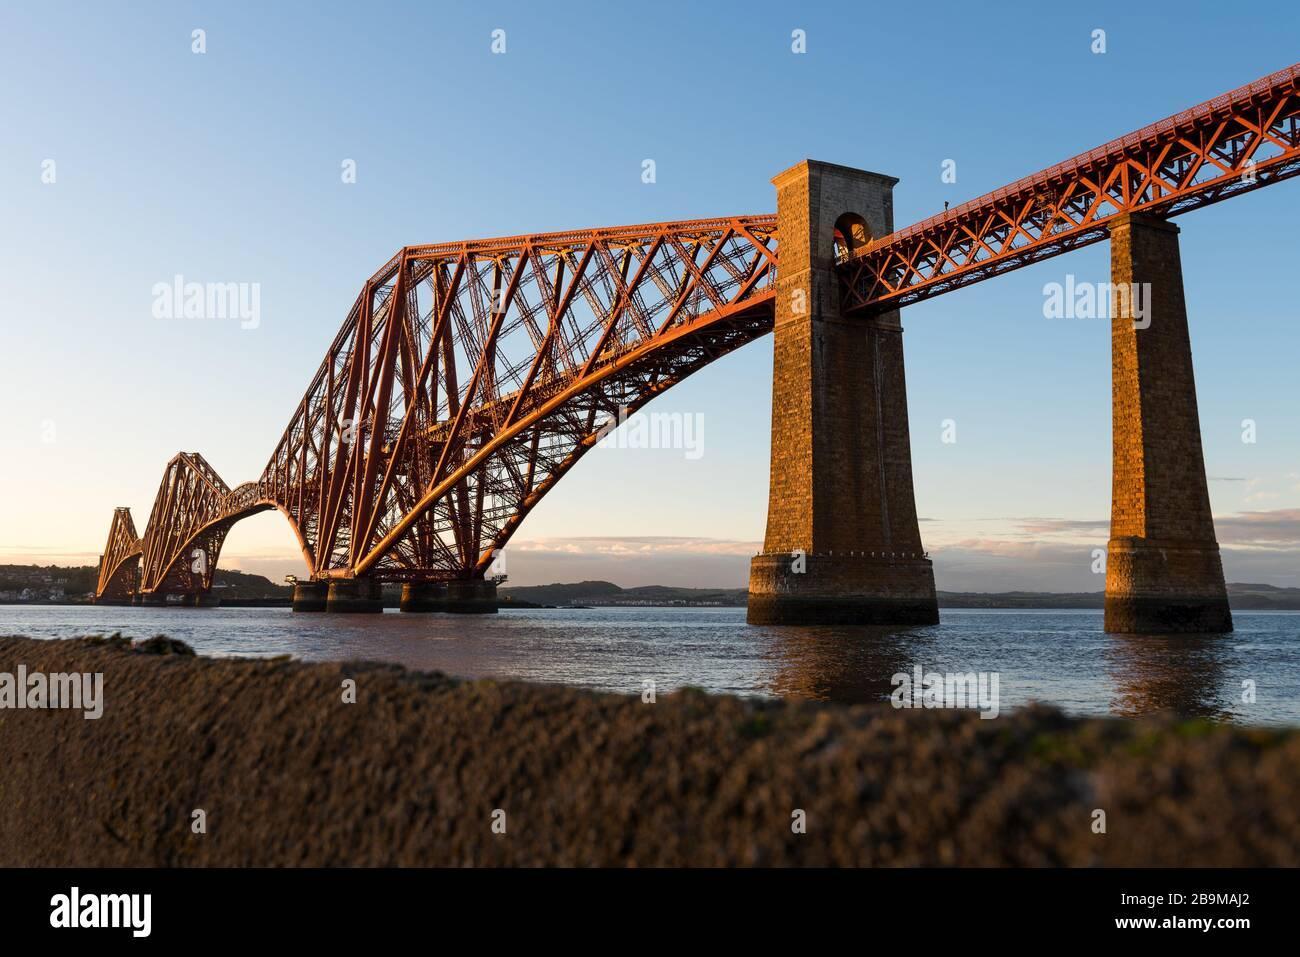 Die Forth Rail Bridge, die bei Sonnenuntergang den Firth of Forth überquert, Edinburgh, Schottland. Stockfoto